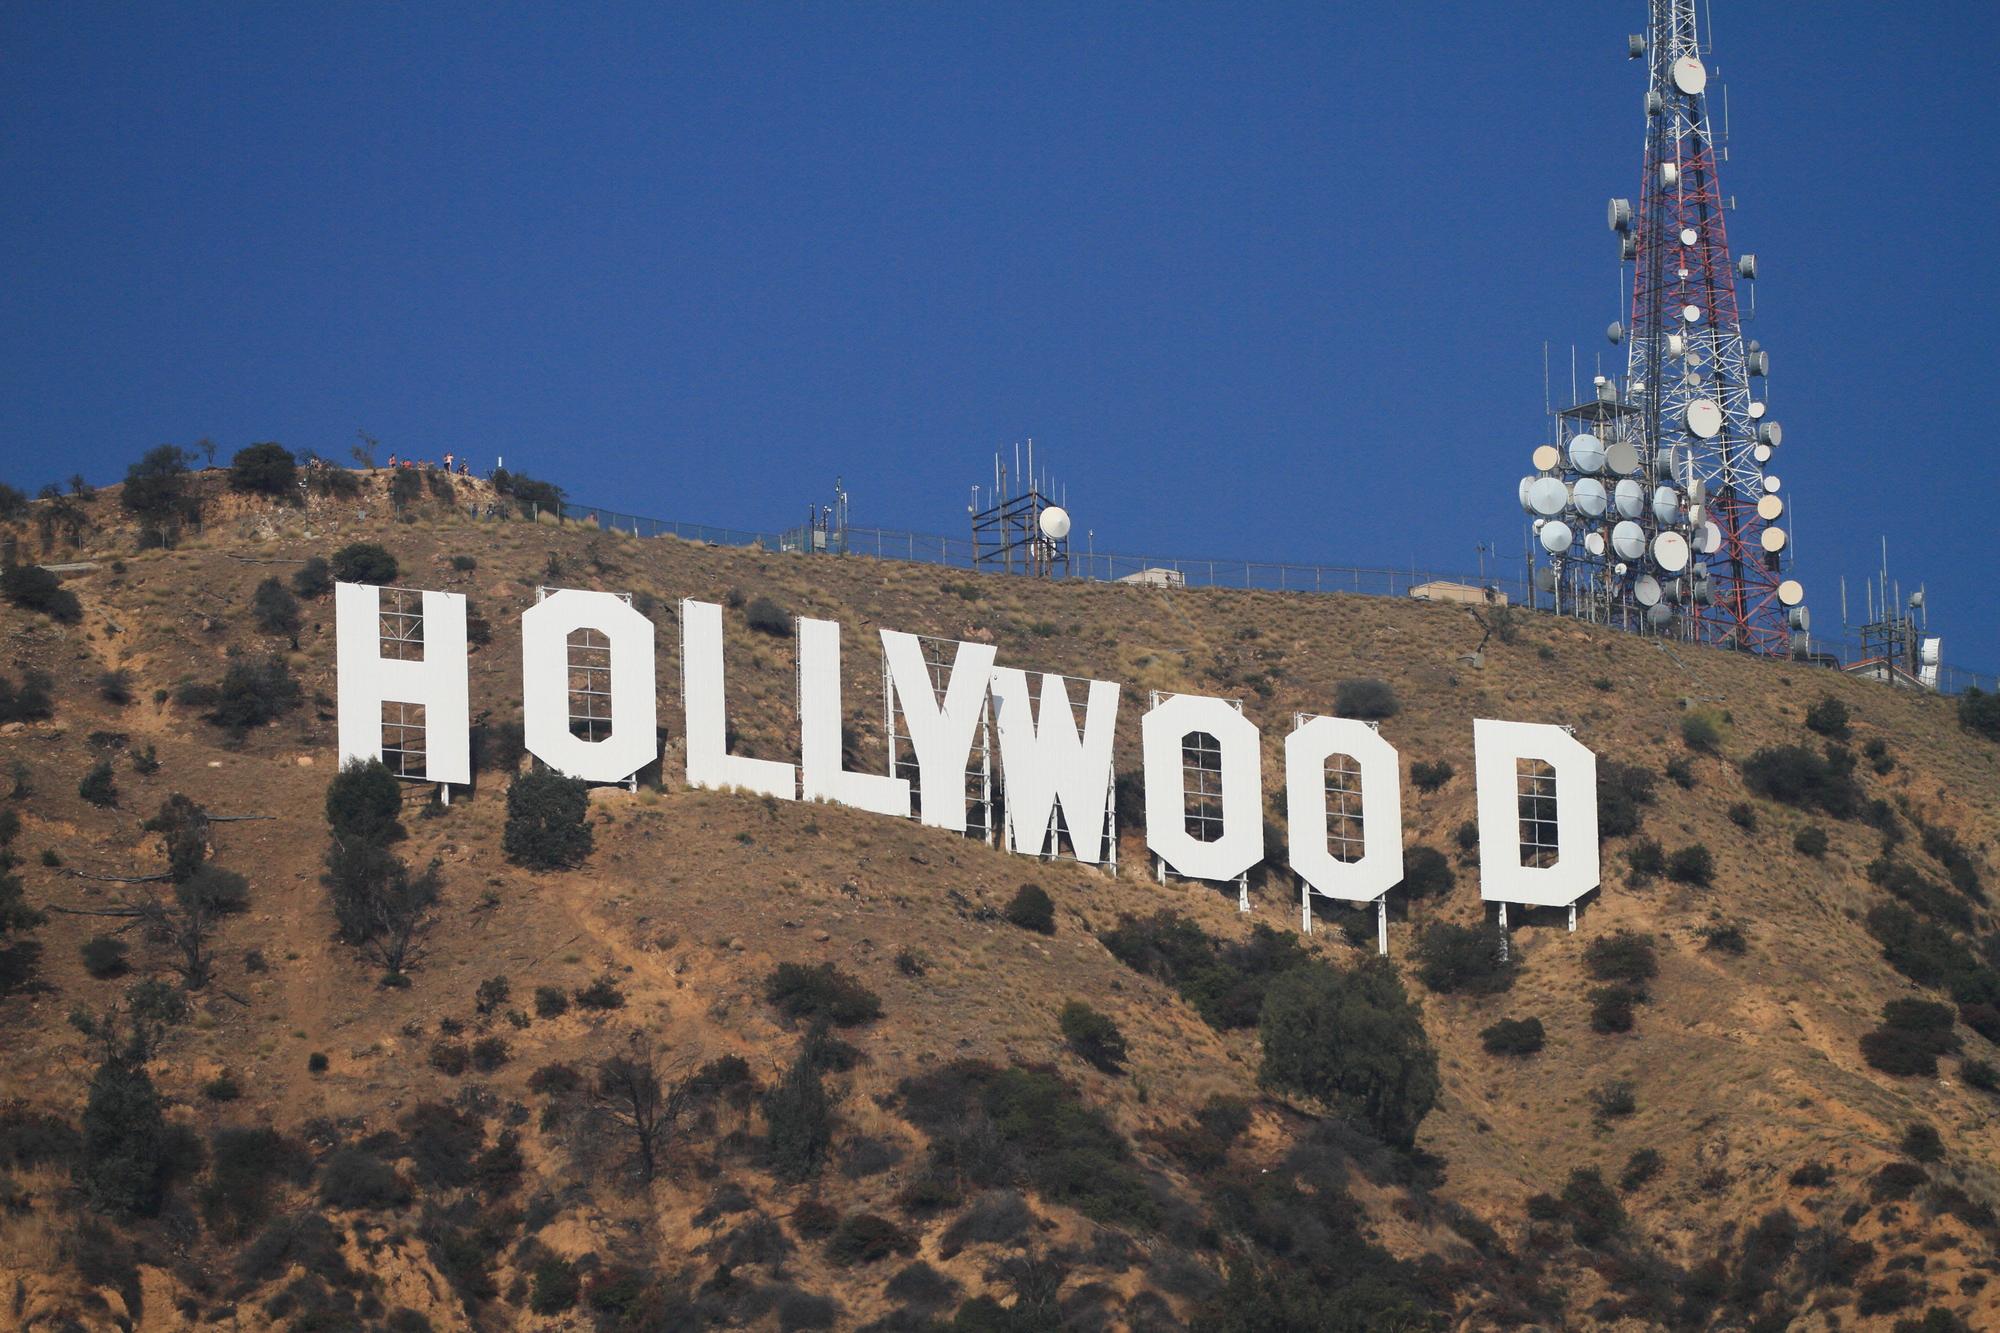 新型コロナでハリウッドは「パンドラの箱」を開けてしまった 大作ほど厳しい現状